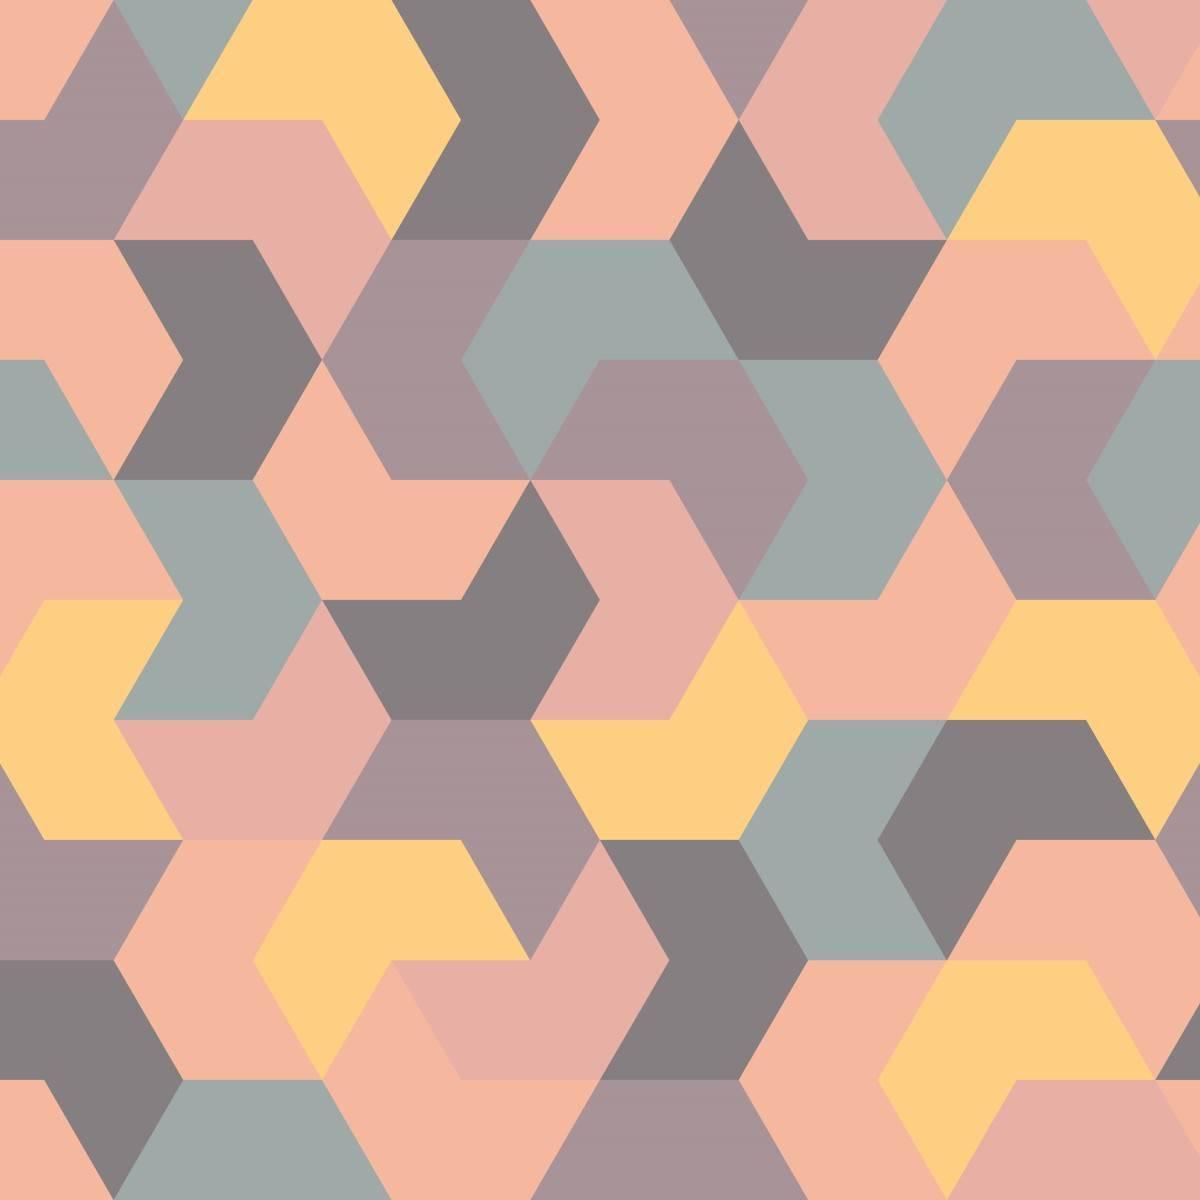 Papel de Parede Tons Pastel | Adesivo Vinilico imagem 1